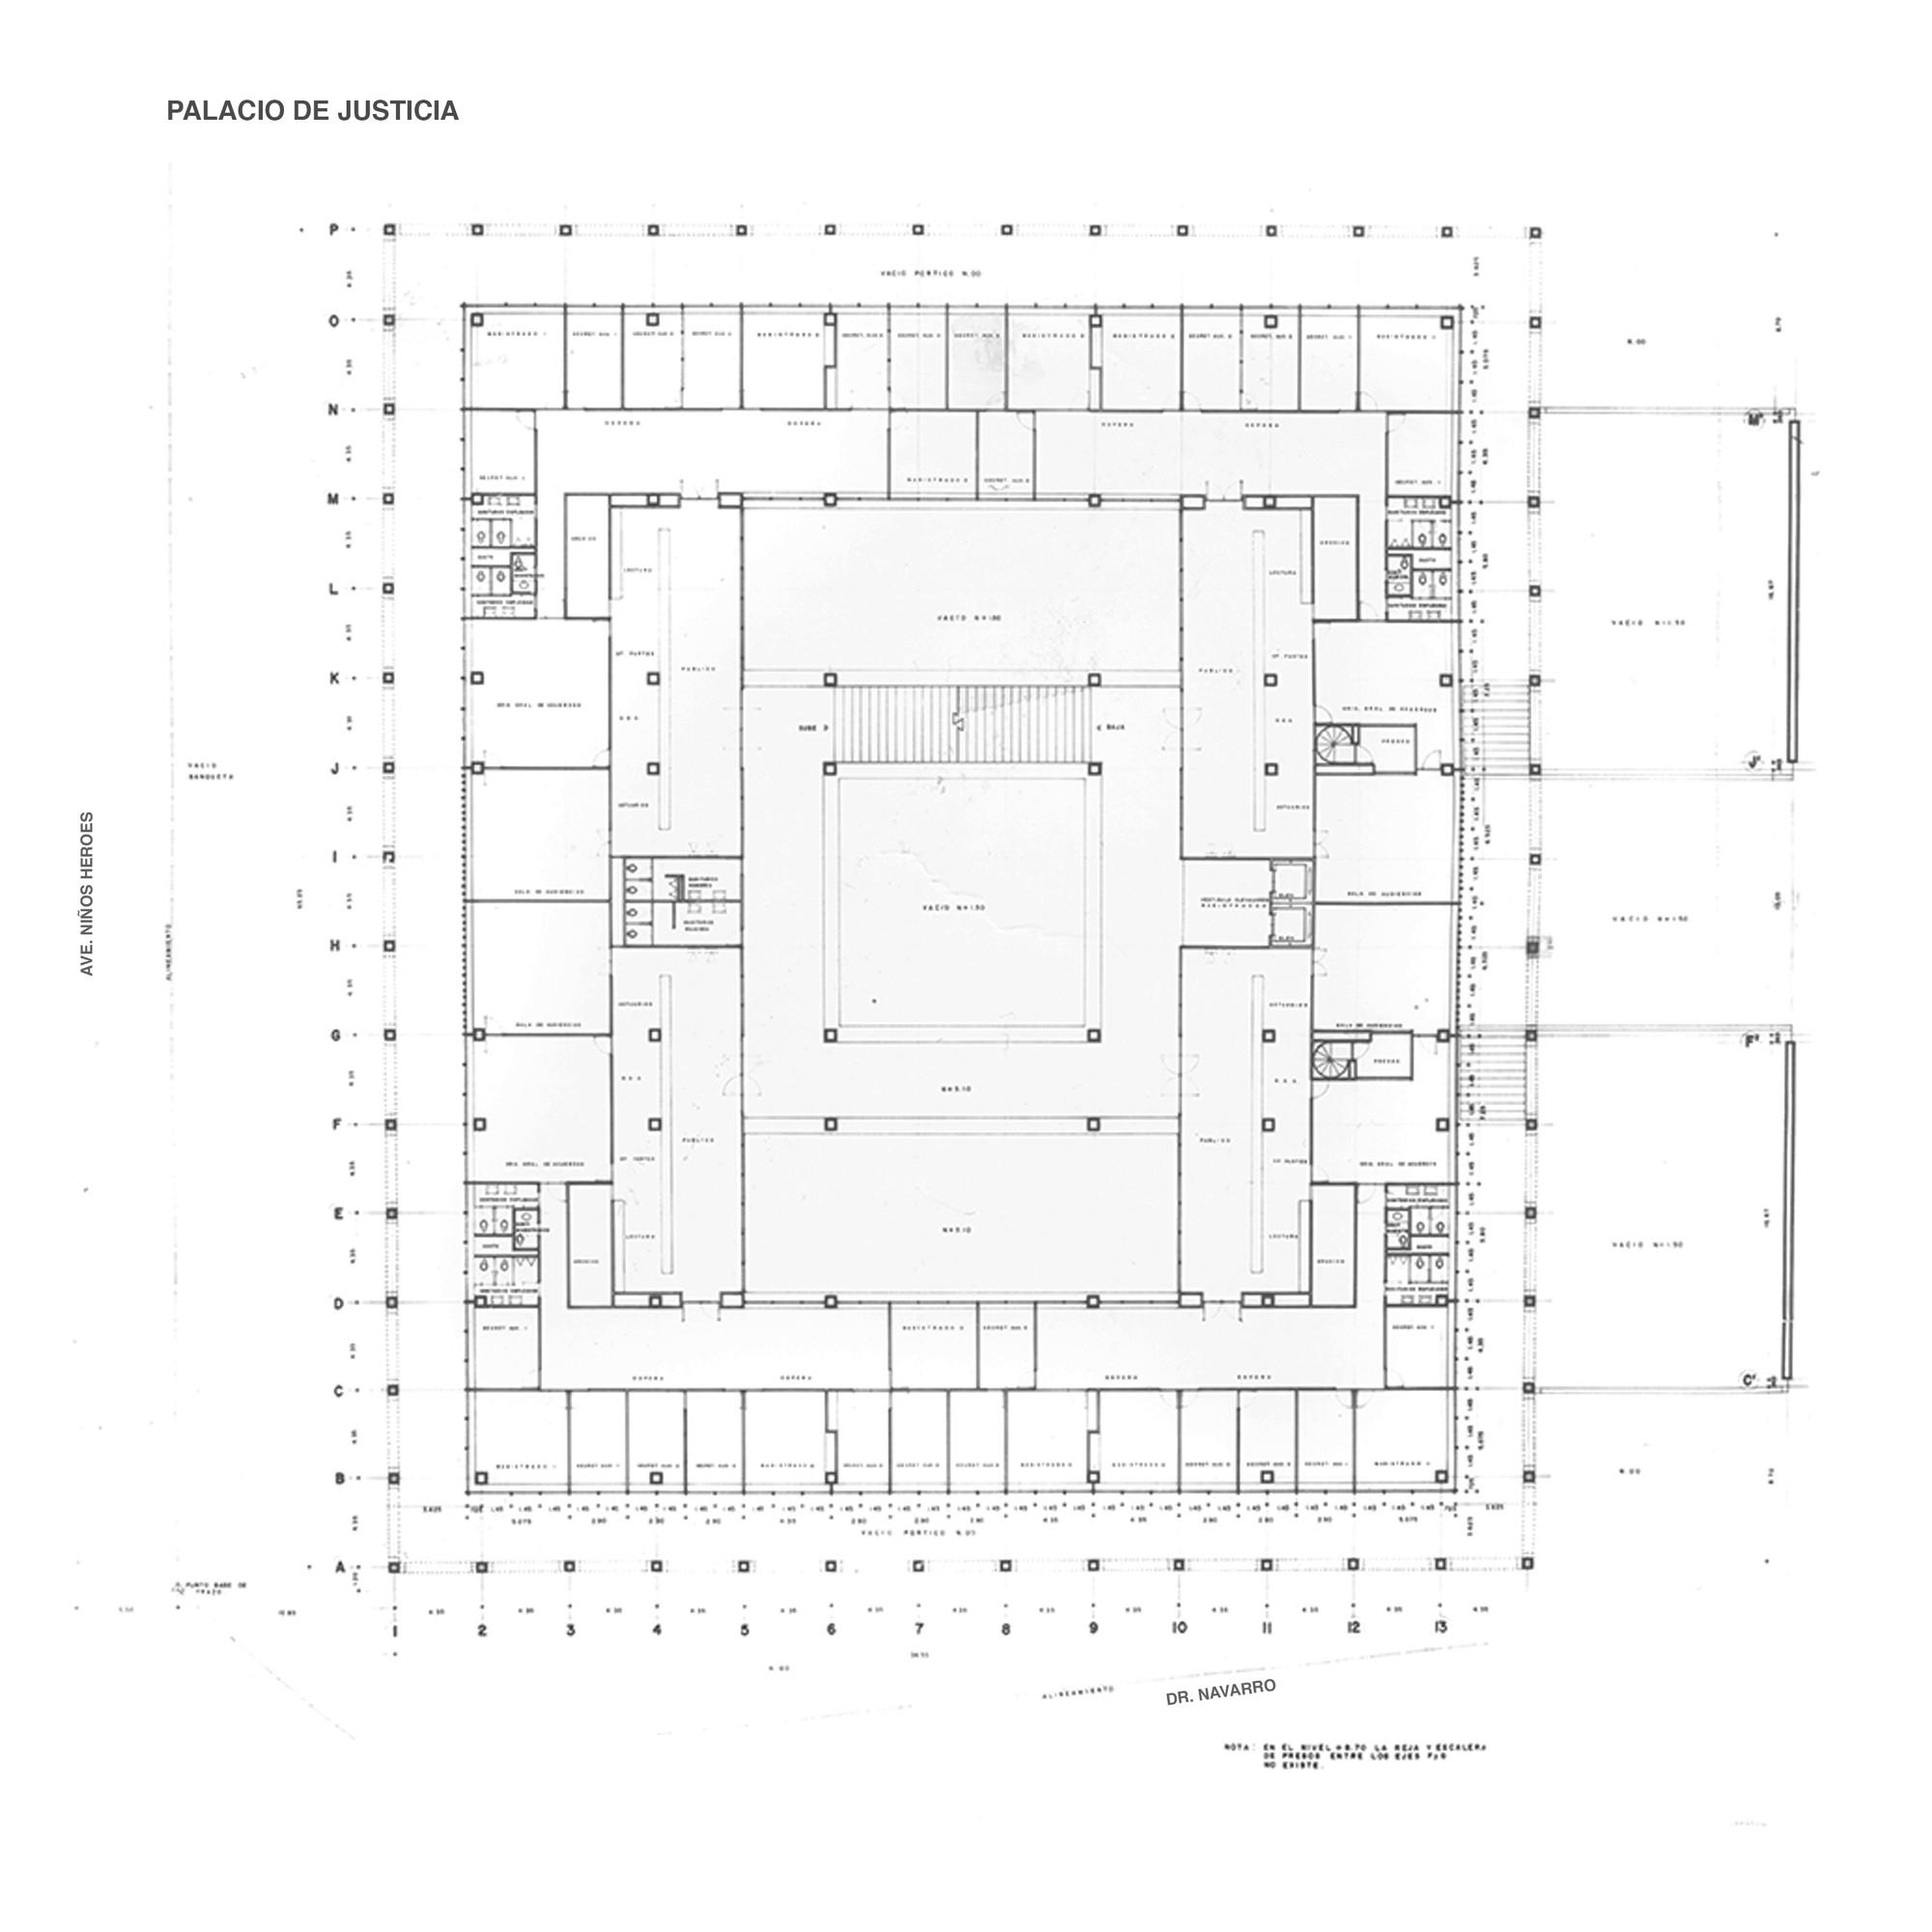 Planta Palacio de Justicia. Image Cortesia de Sordo Madaleno Arquitectos